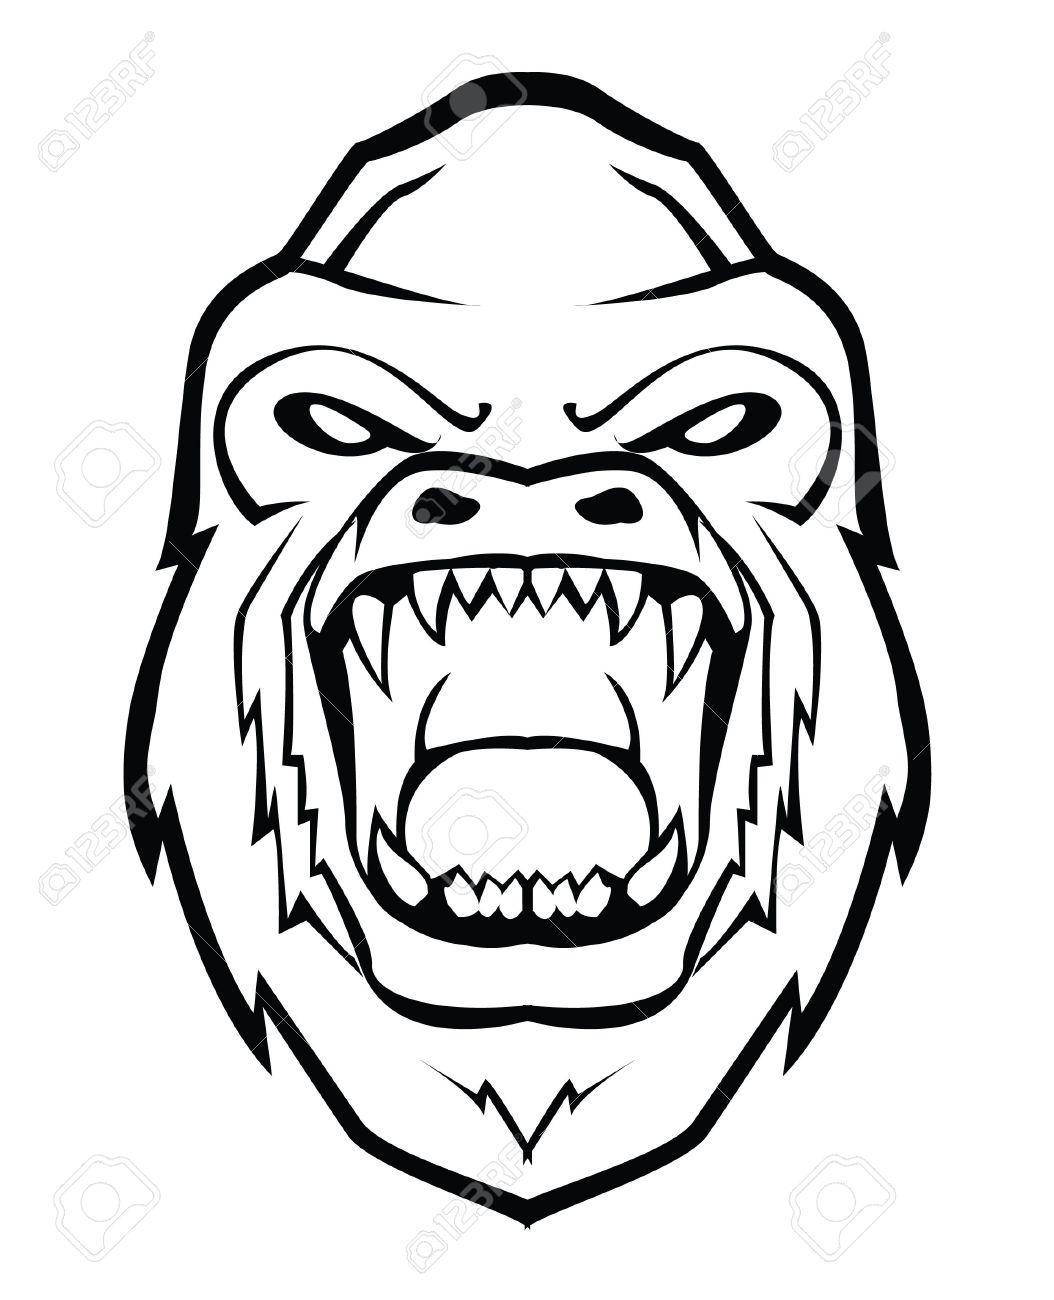 Simple Gorilla Drawing At Getdrawings